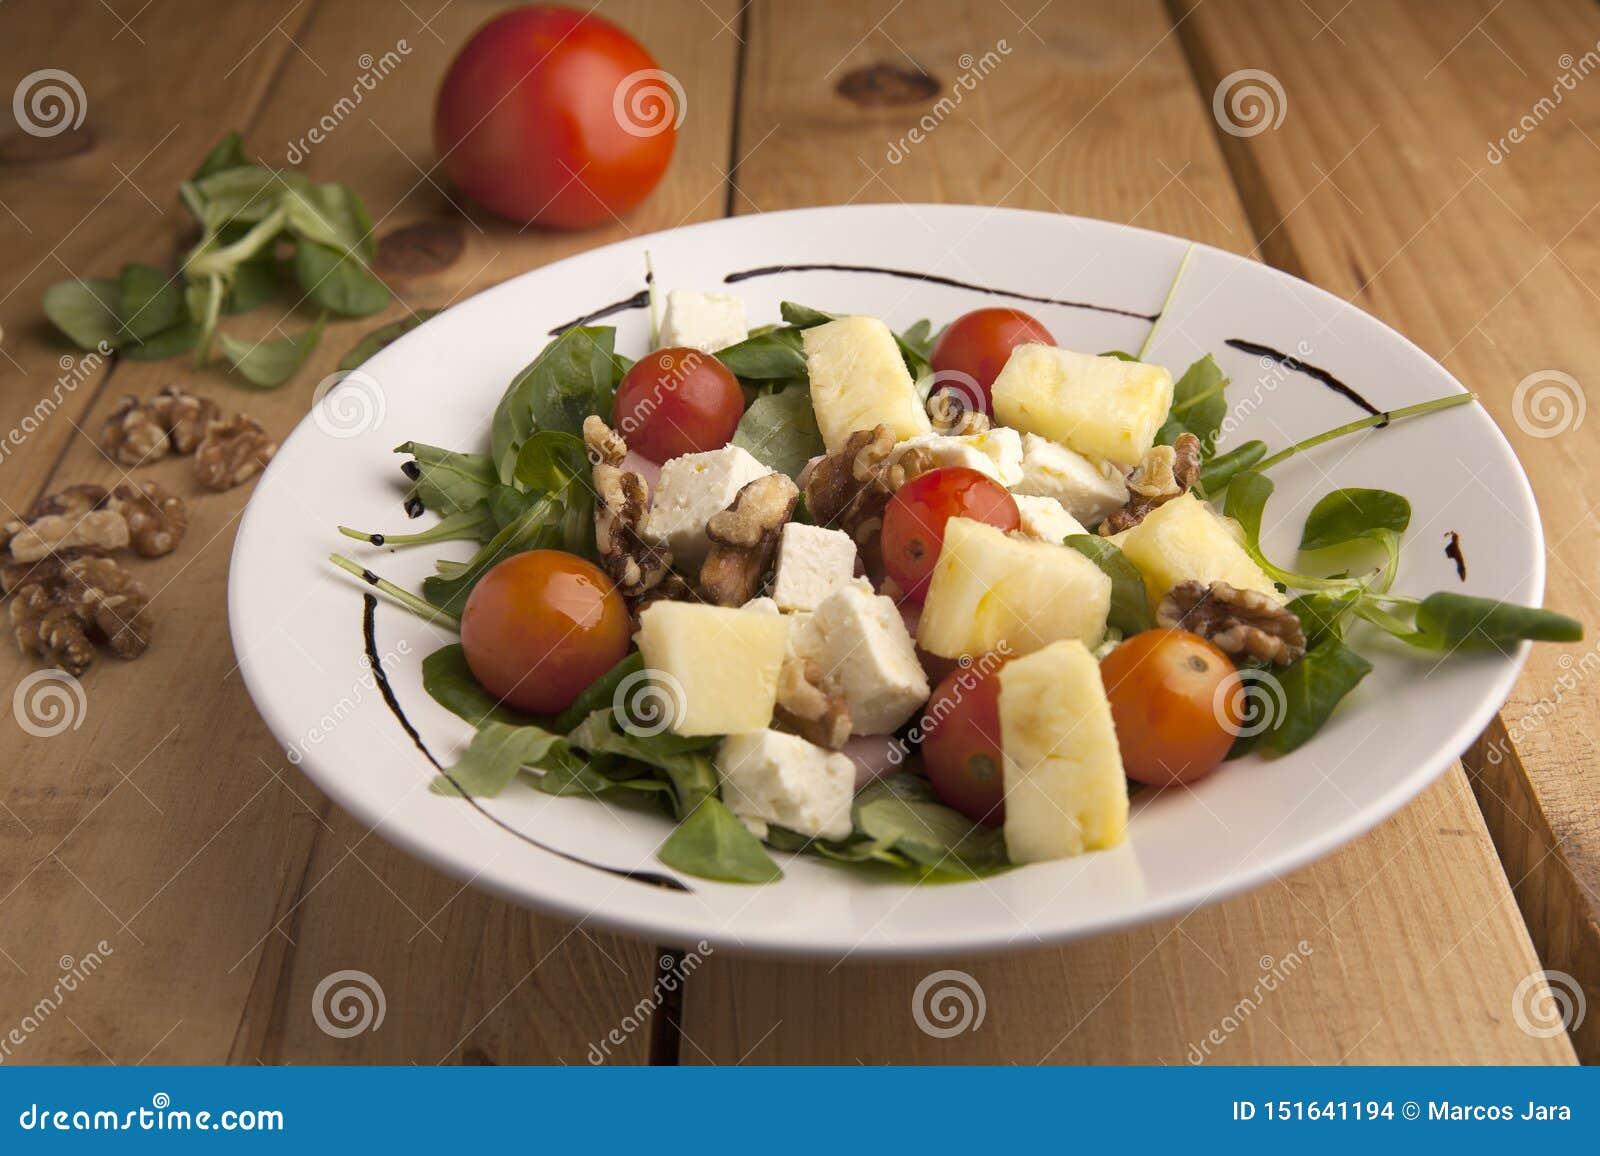 健康菠萝、蕃茄樱桃、坚果和教规沙拉